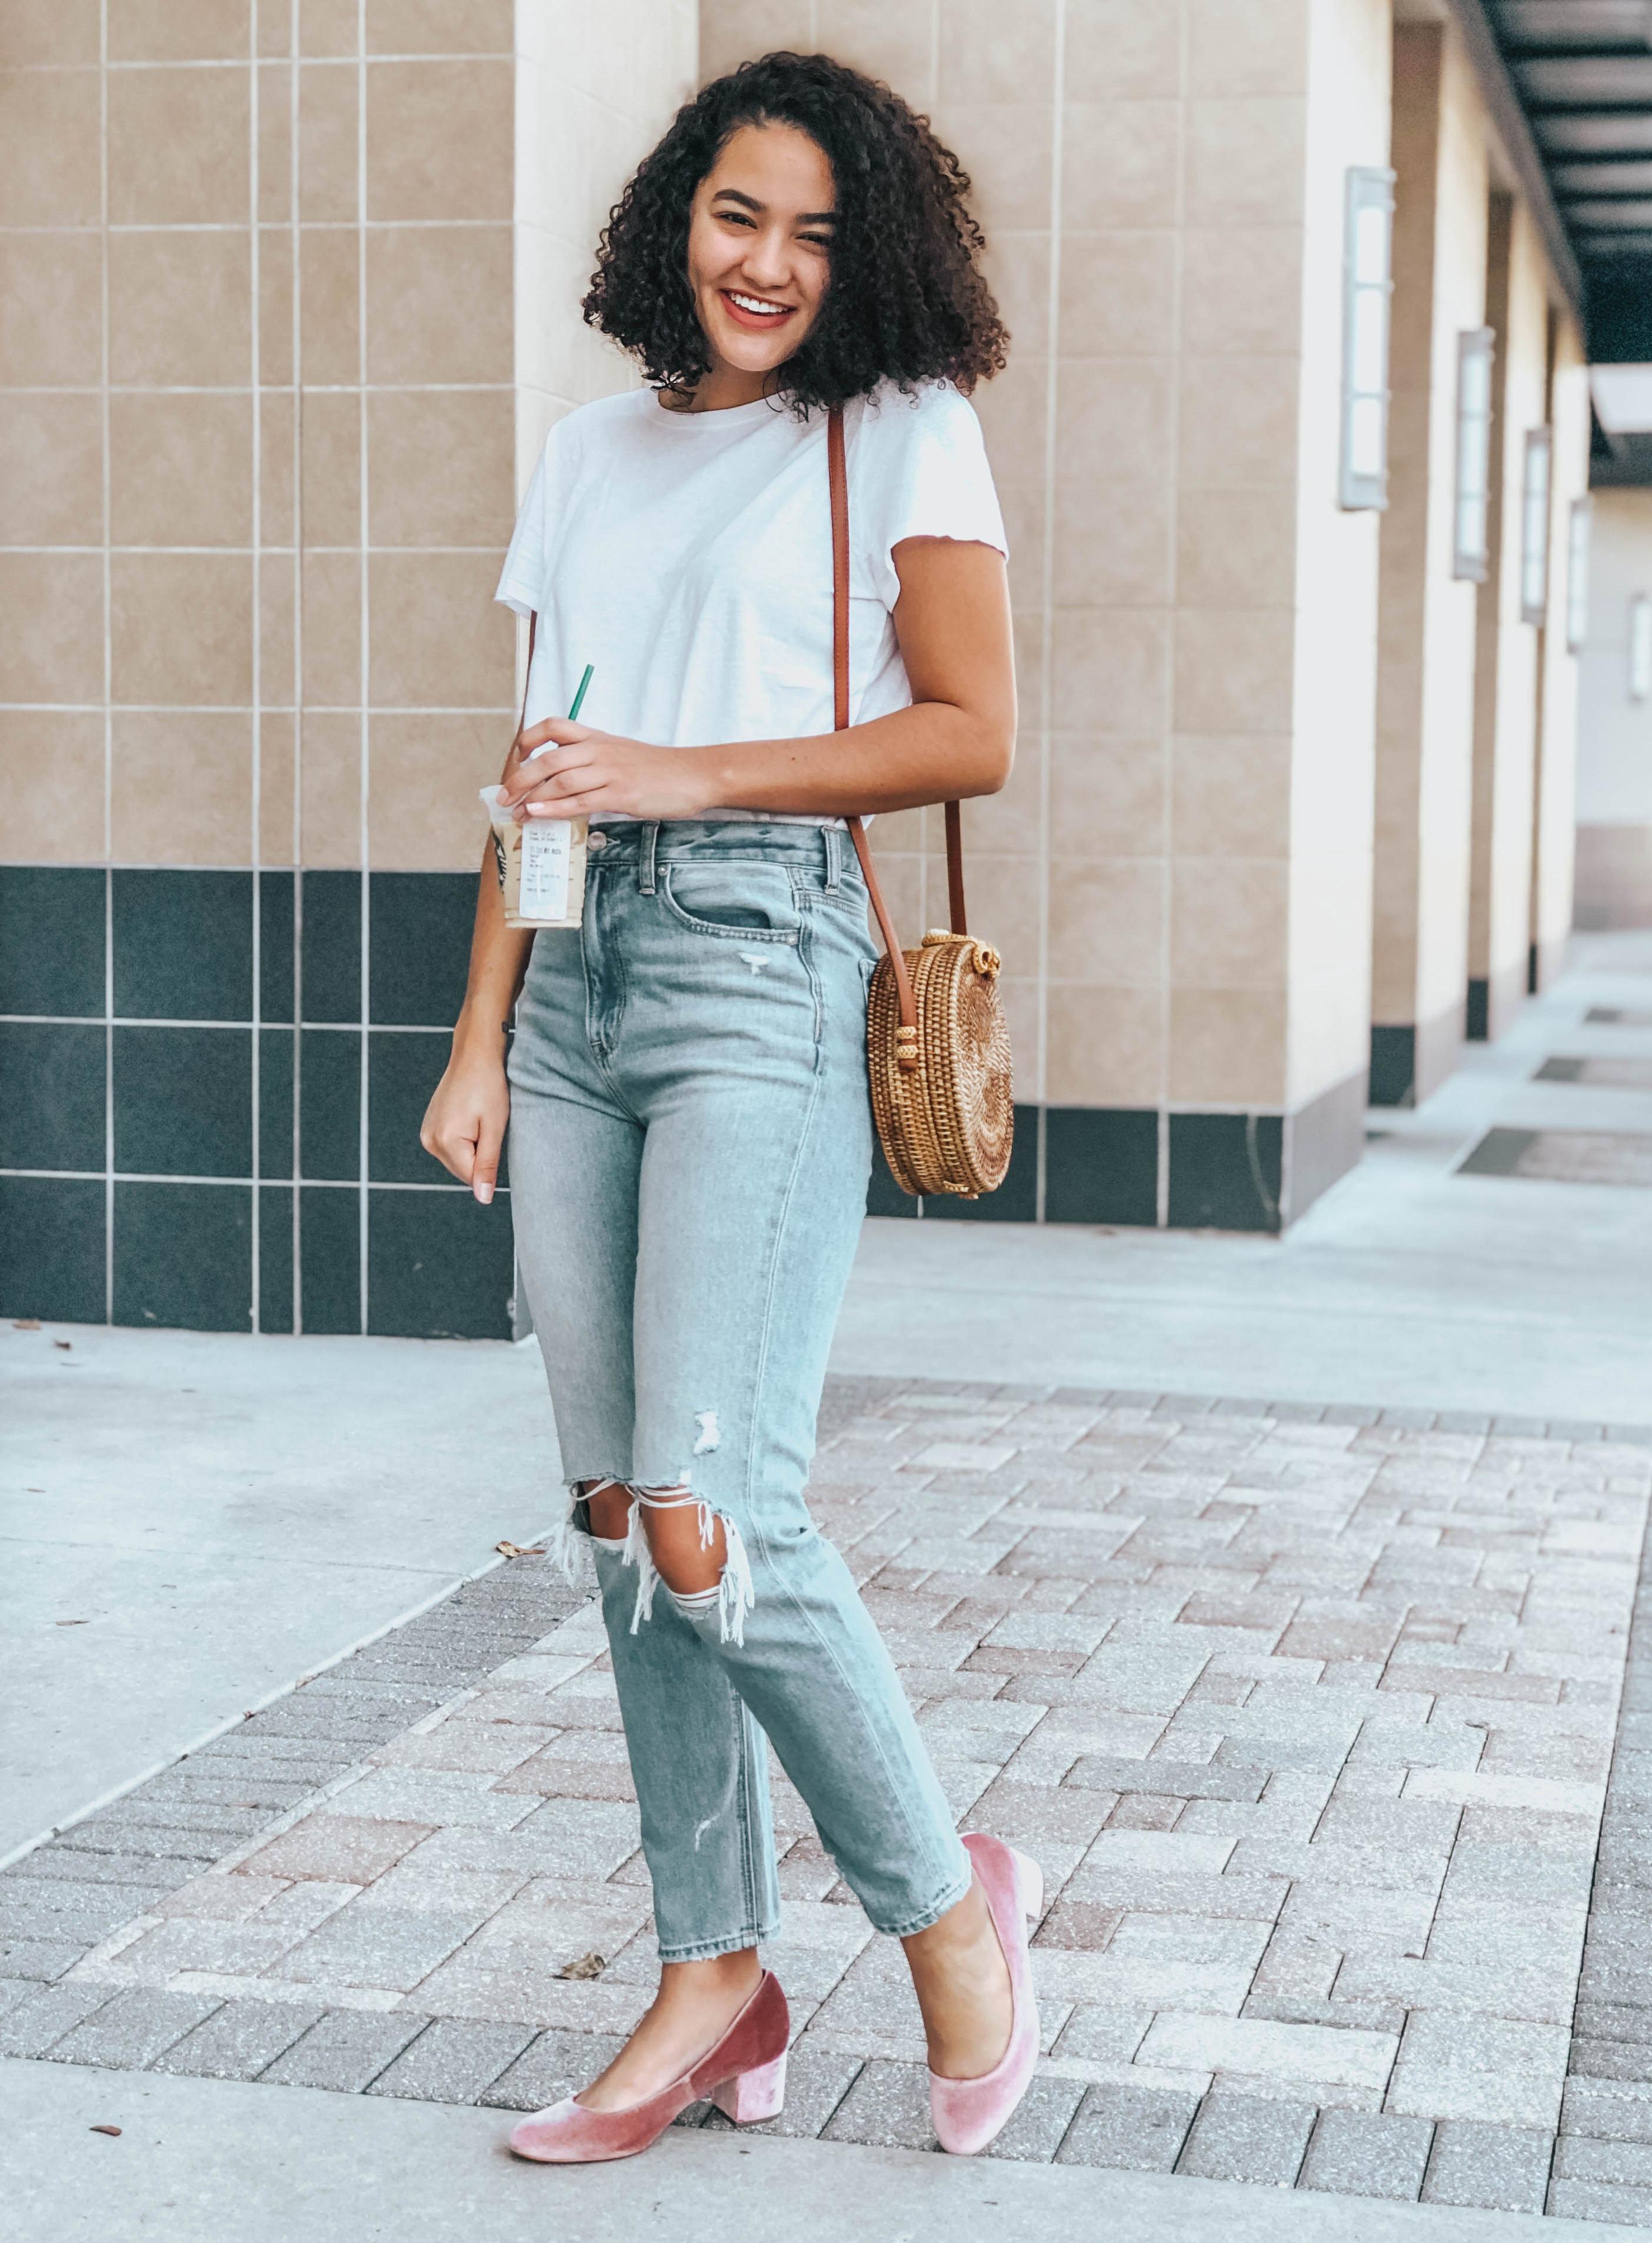 Mom Jeans, Plain White Tee, Pink Velvet Block Heels, Round Rattan Bag